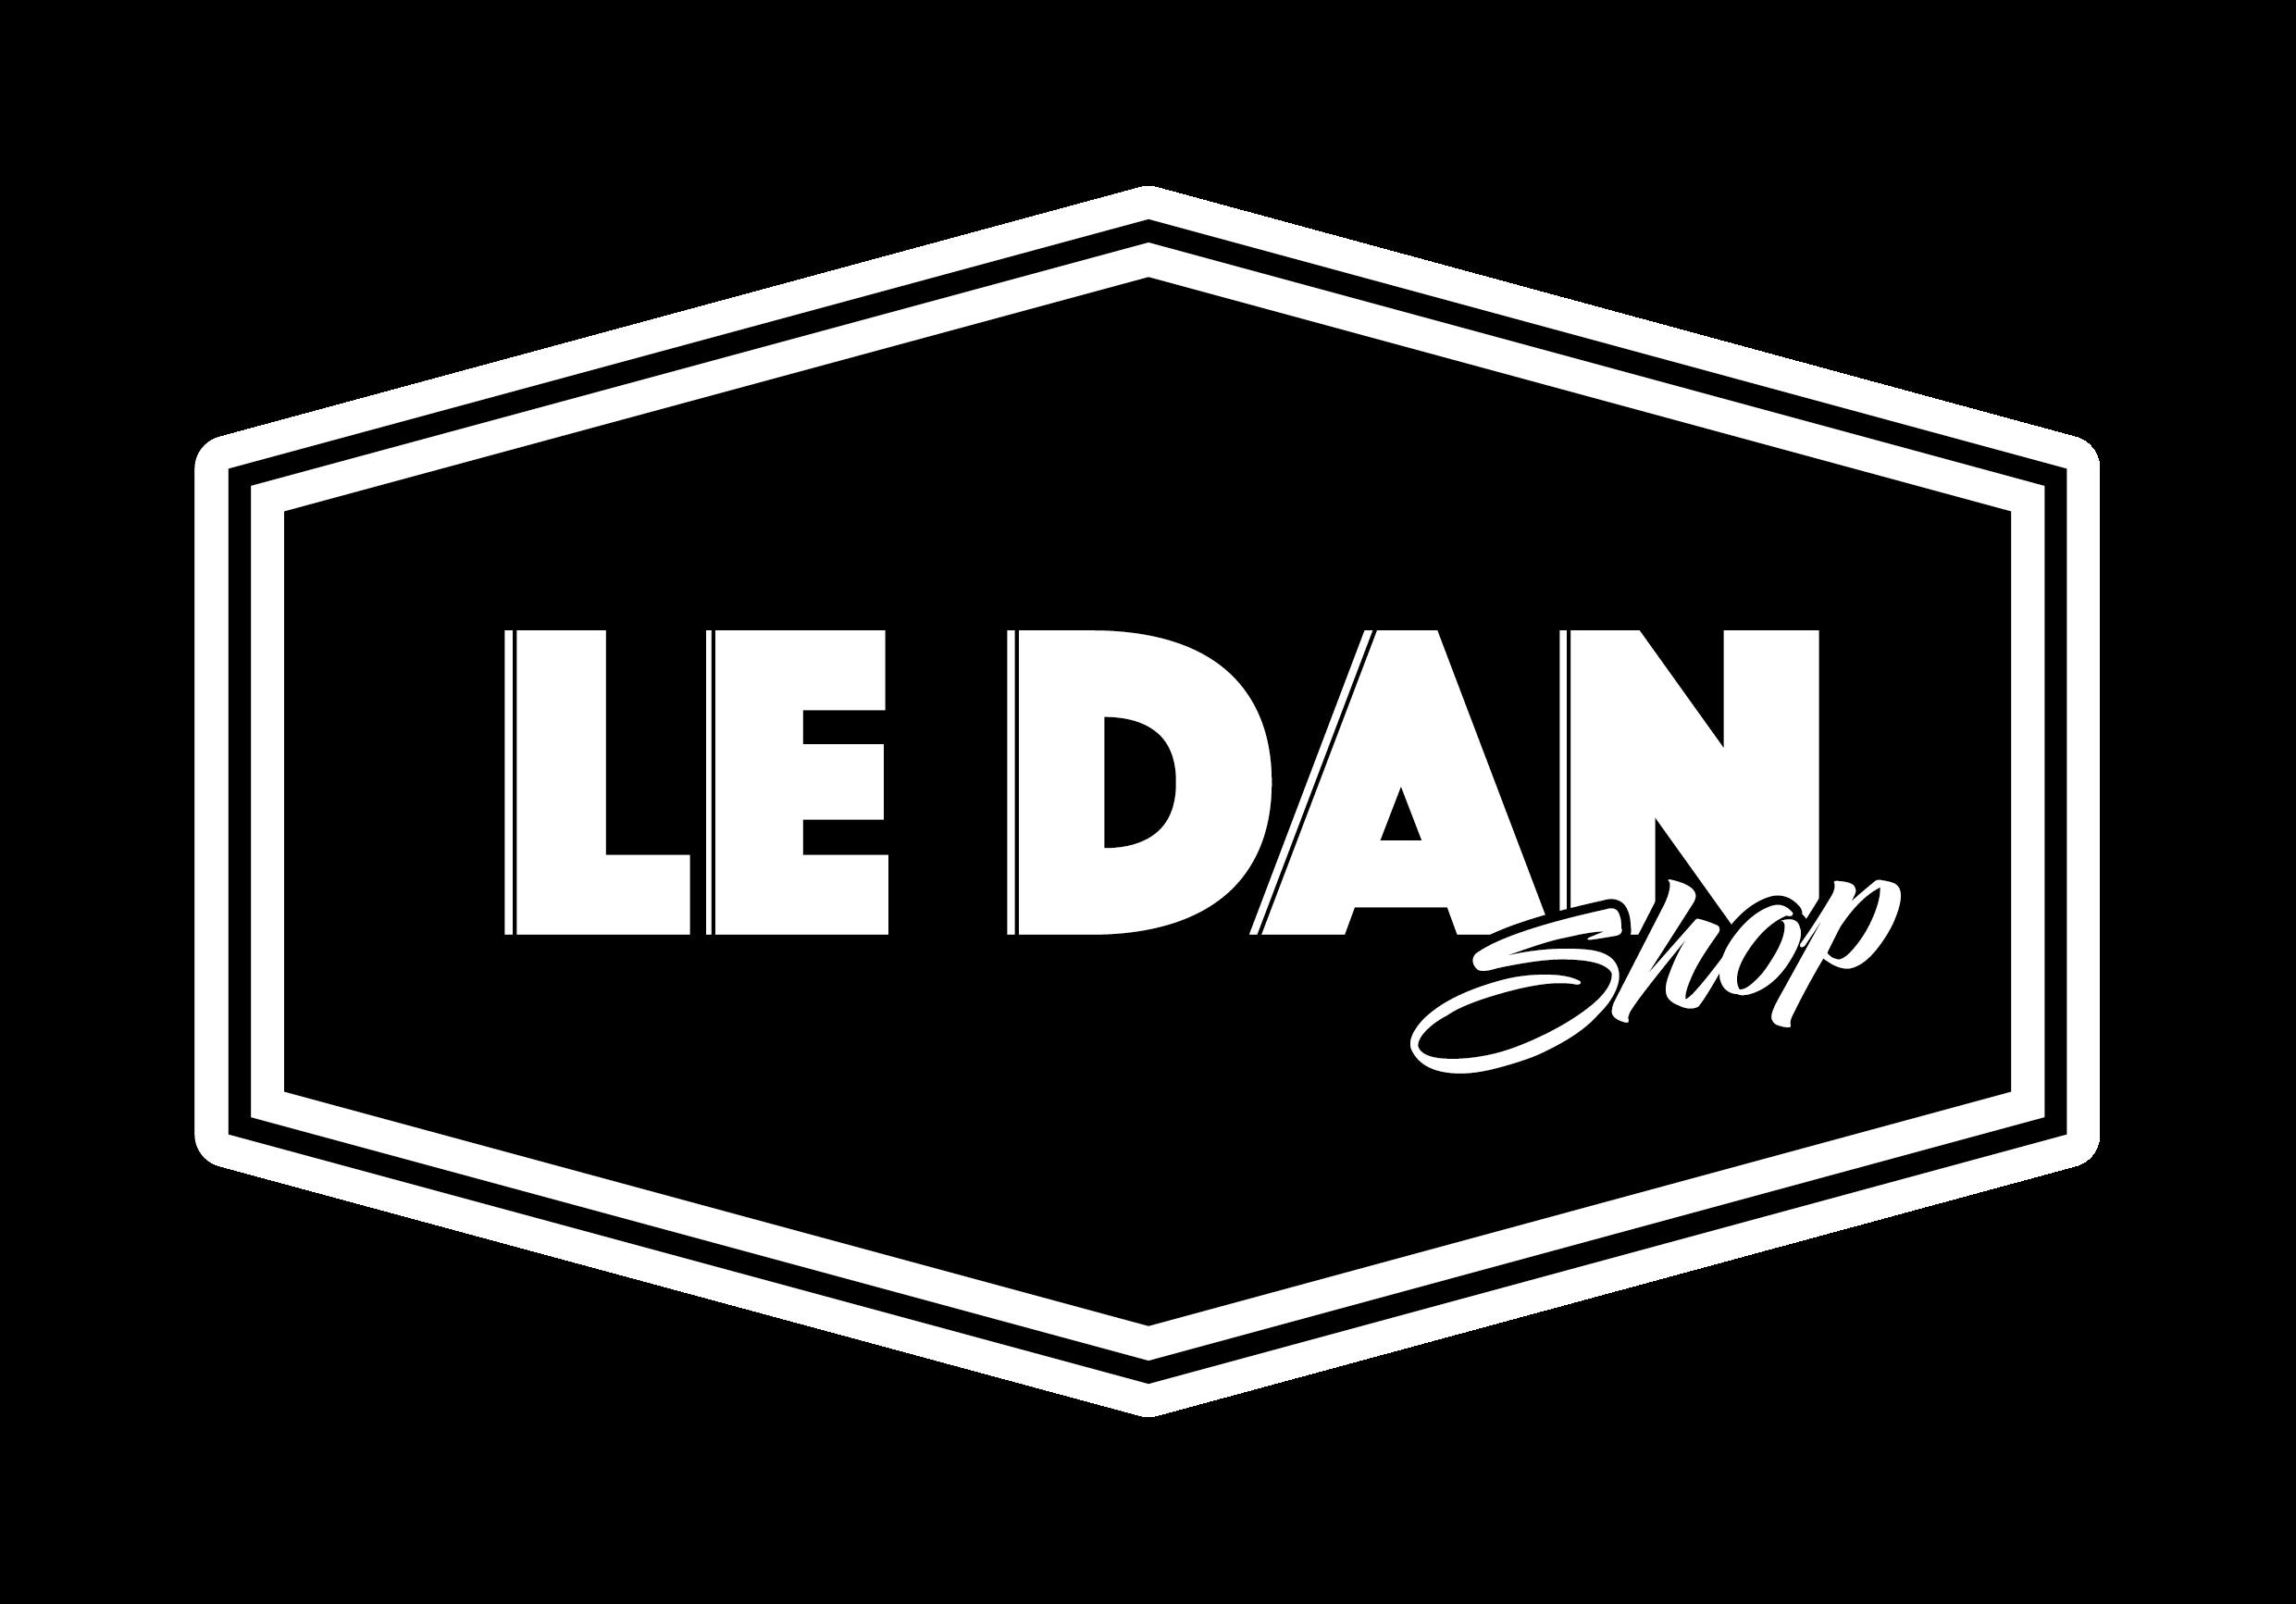 Le Dan Shop